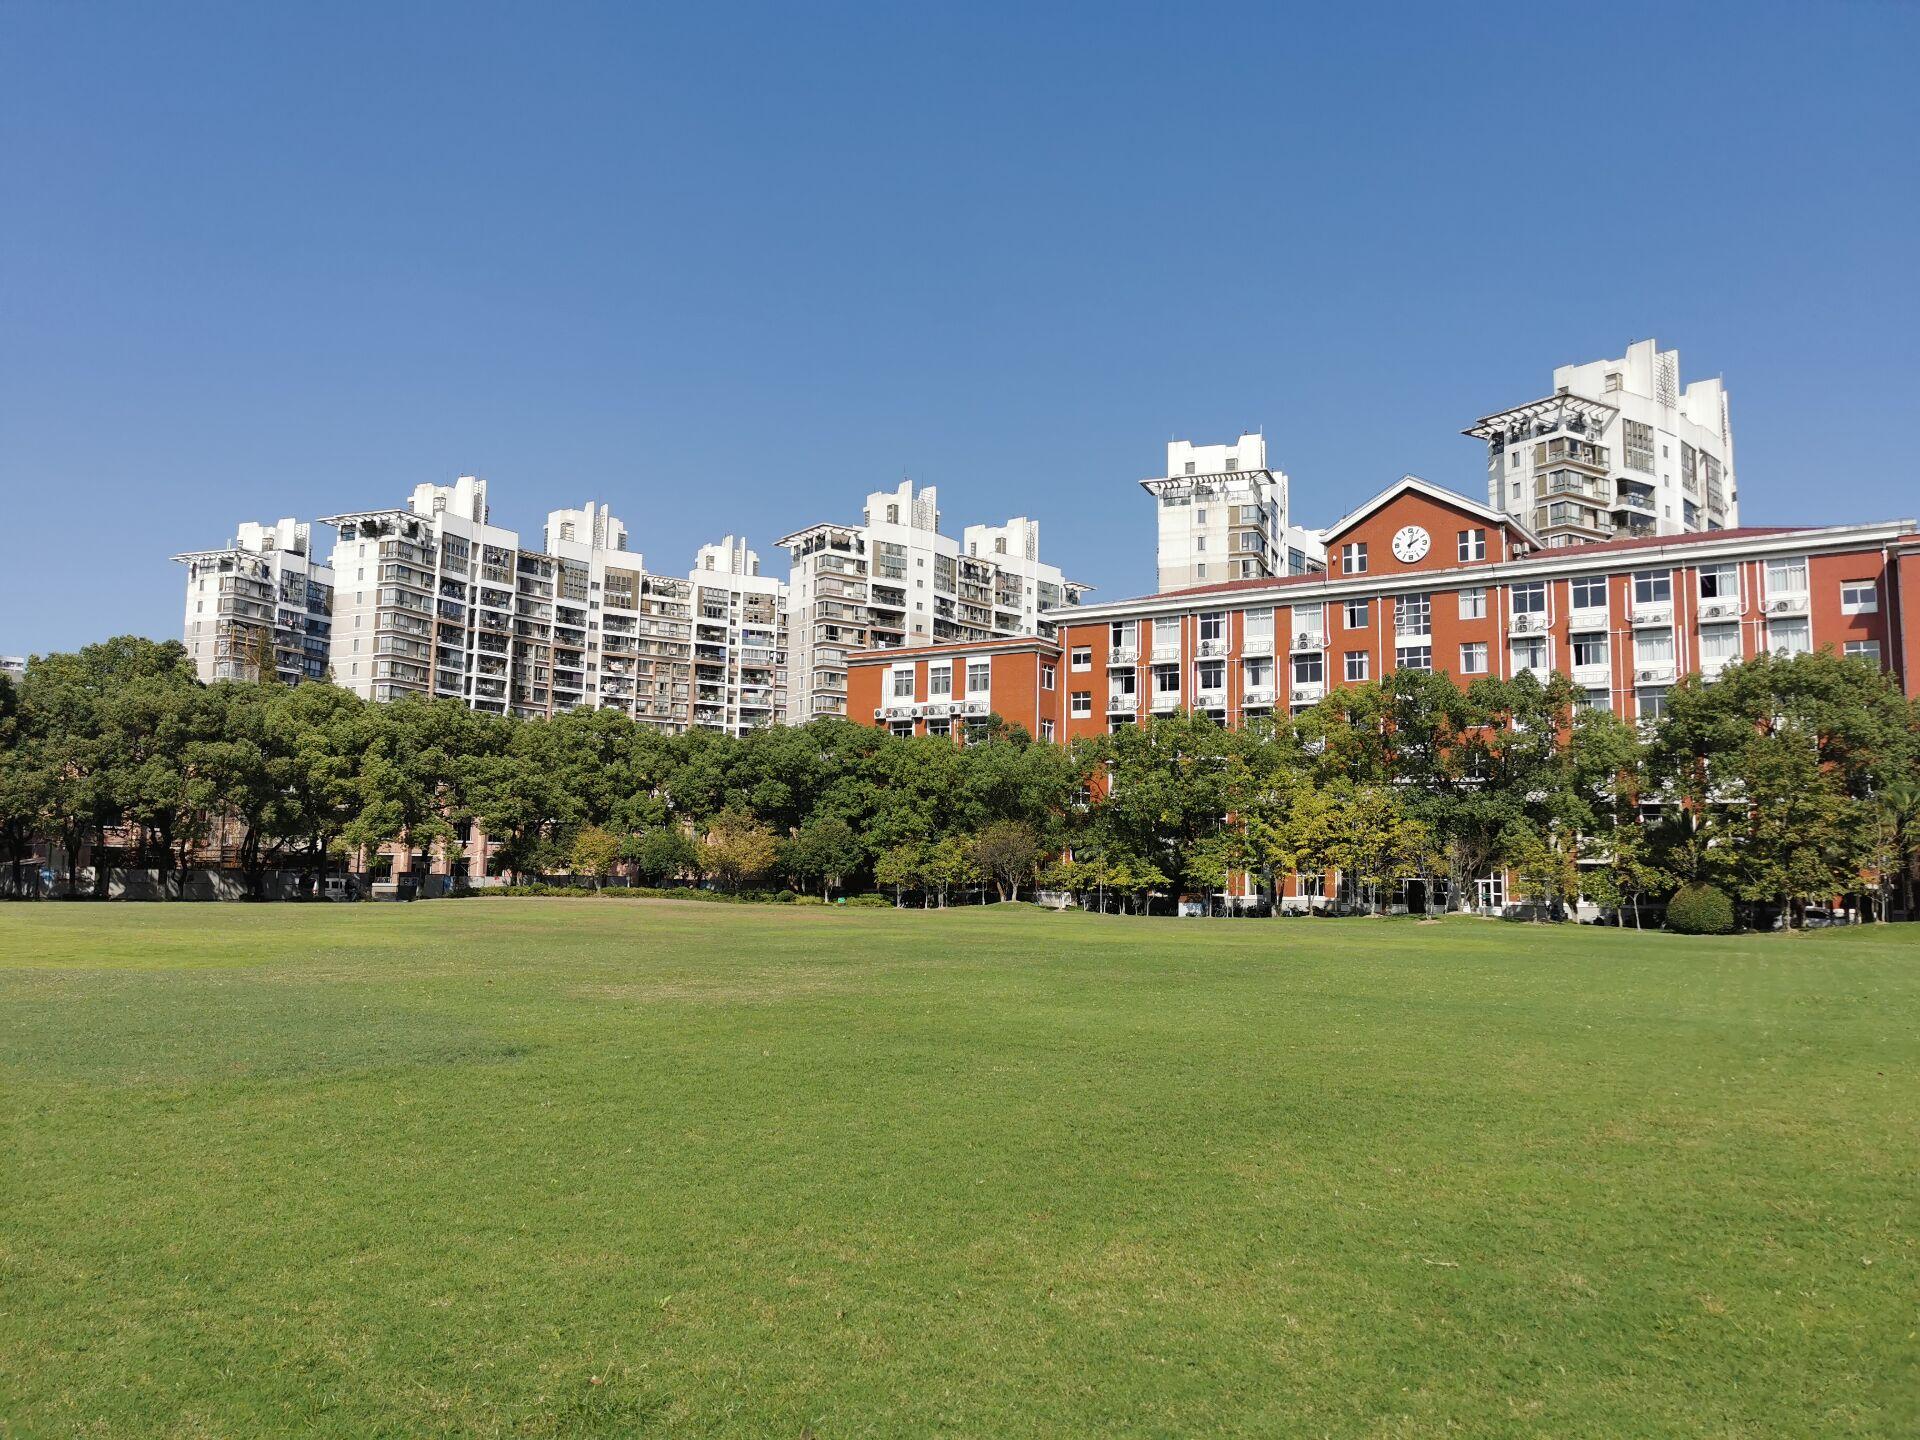 上海大学延长校区重游新拍1.jpg